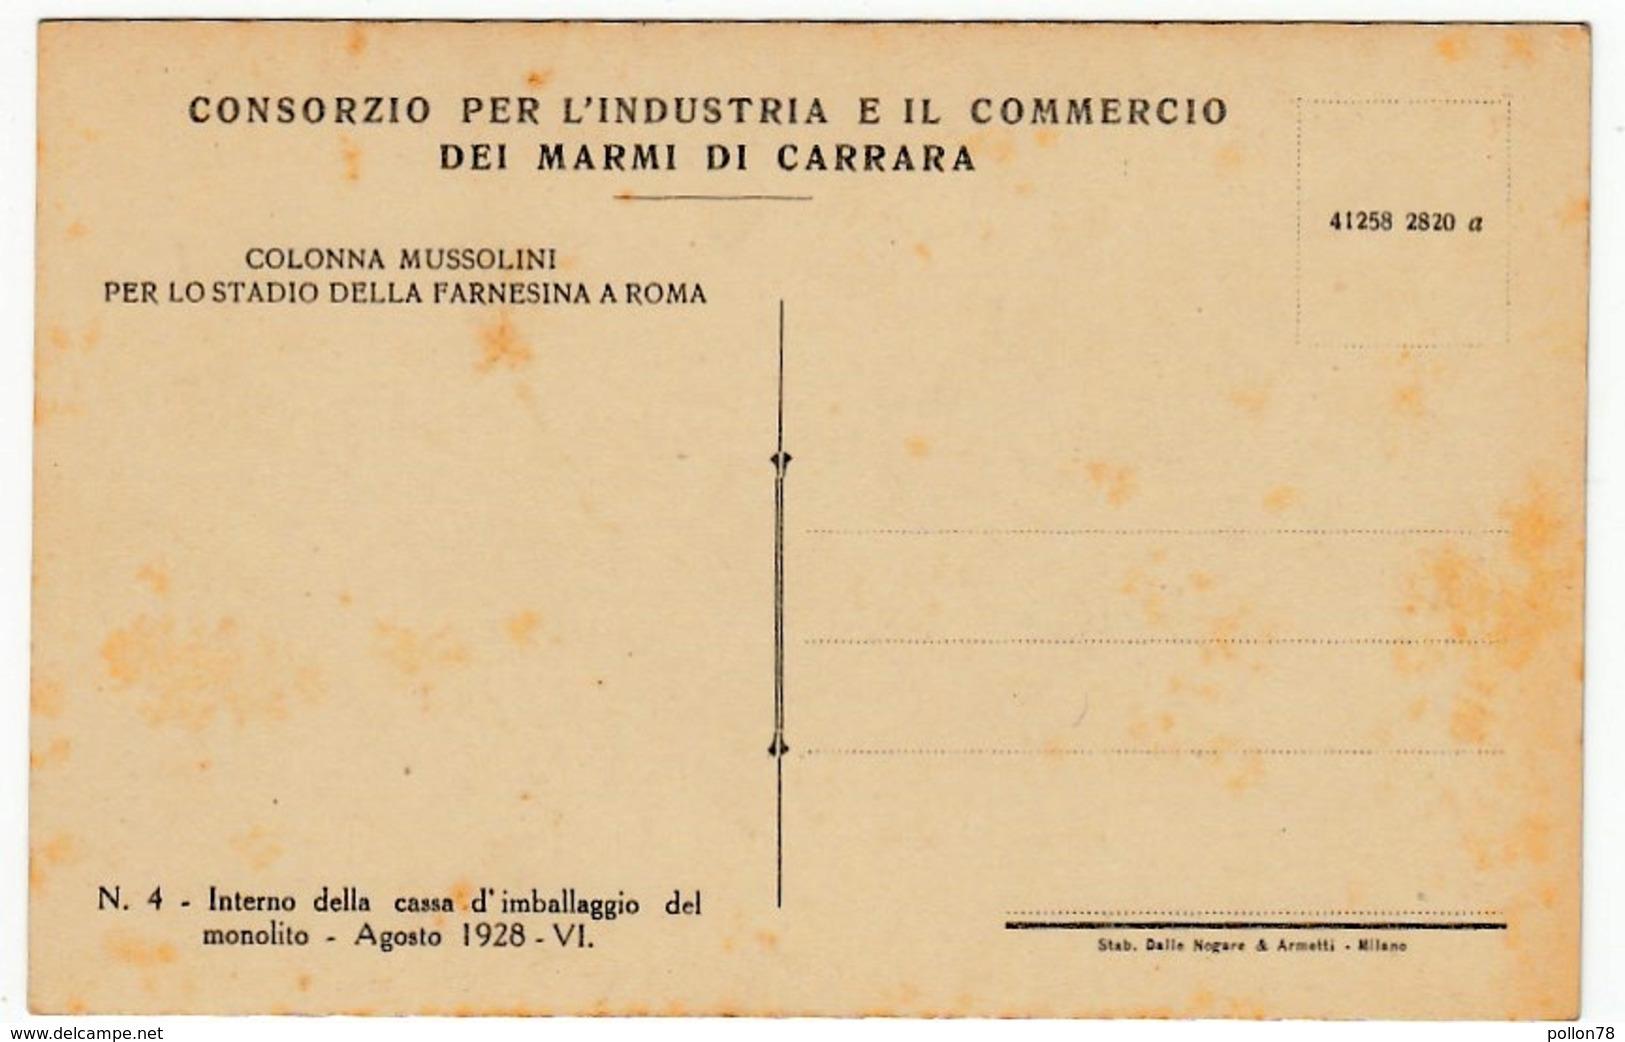 ... MARMI DI CARRARA - COLONNA MUSSOLINI PER LO STADIO DELLA FARNESINA DI ROMA - 1928 - Vedi Retro - Formato Piccolo - Storia